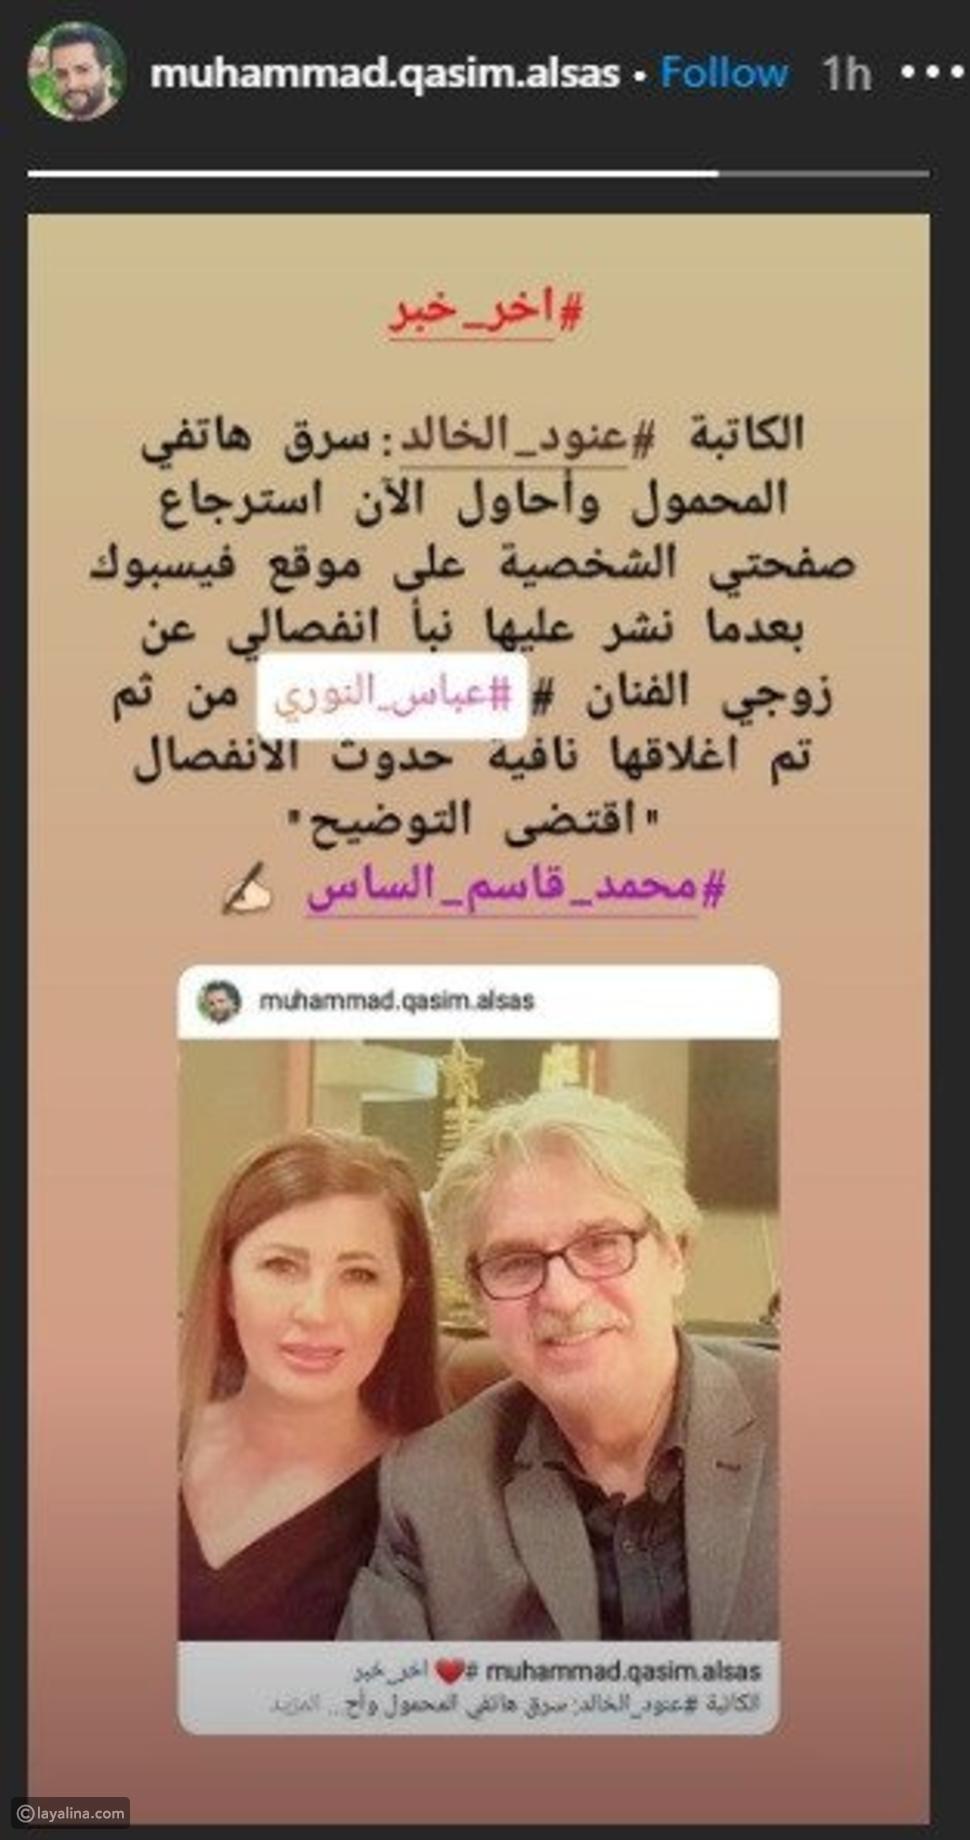 نفي طلاق عباس النوري وكشف سر منشور زوجته المقلق